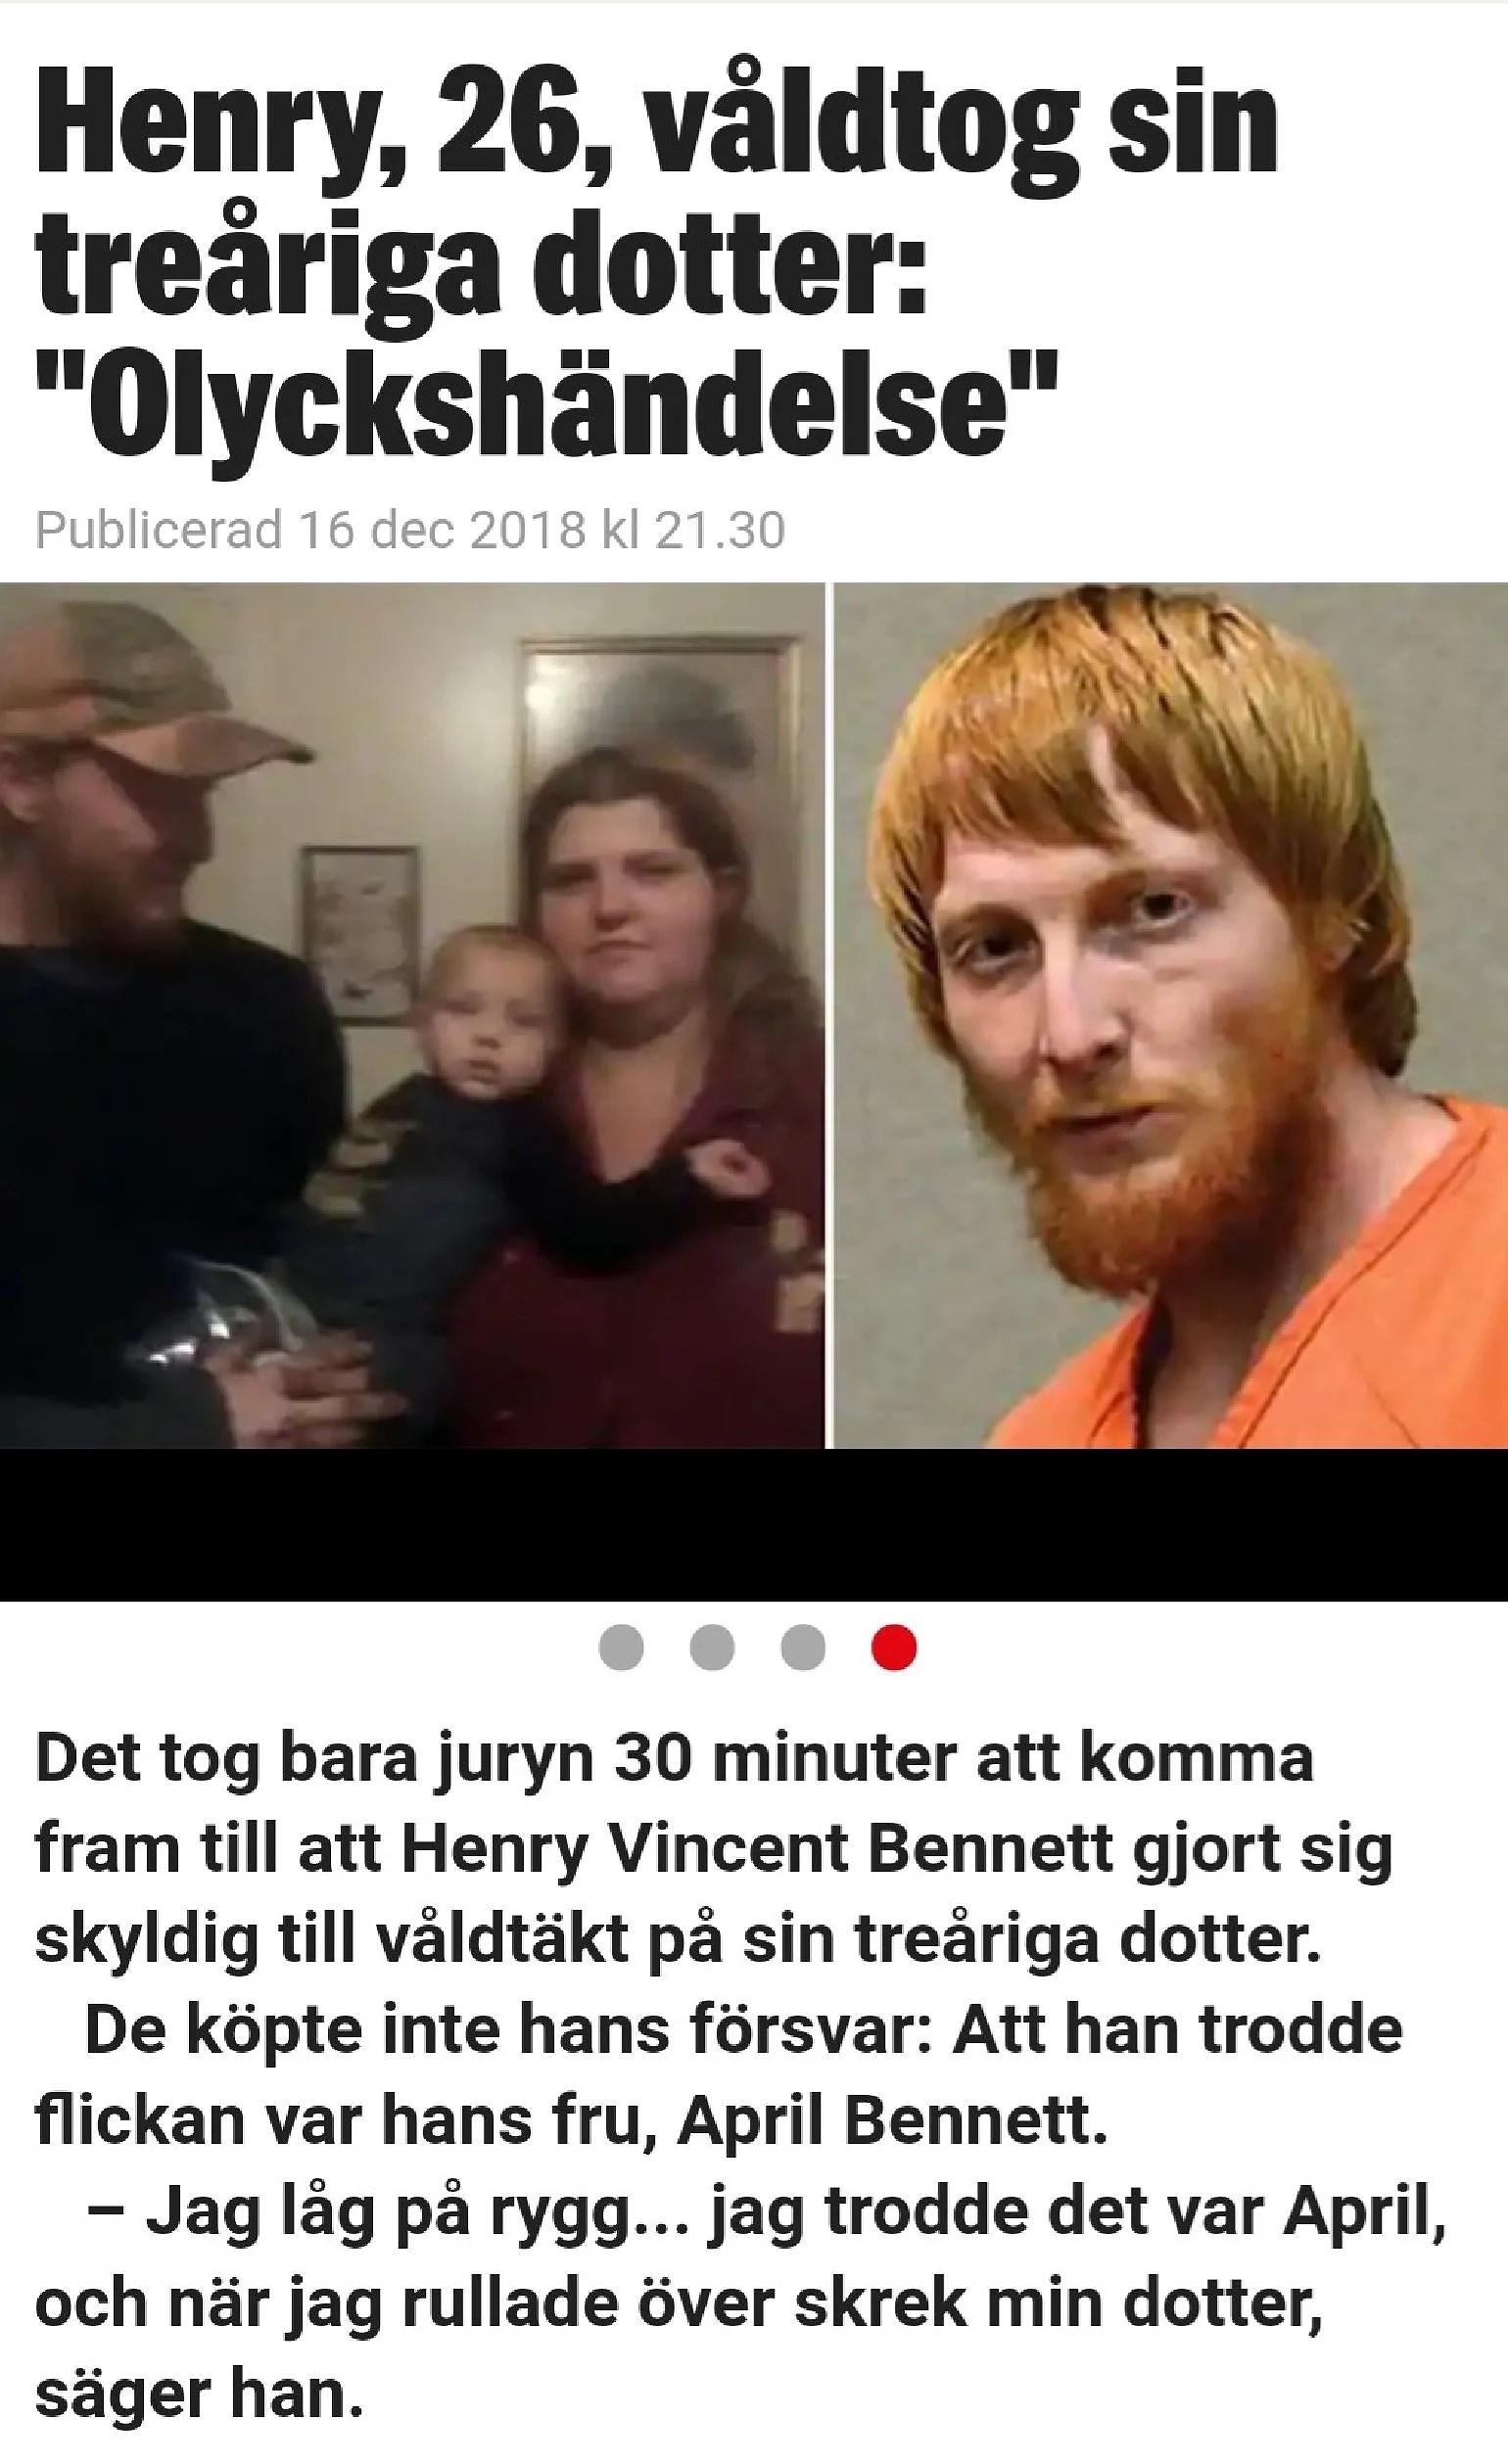 Han våldtog sin treåriga dotter